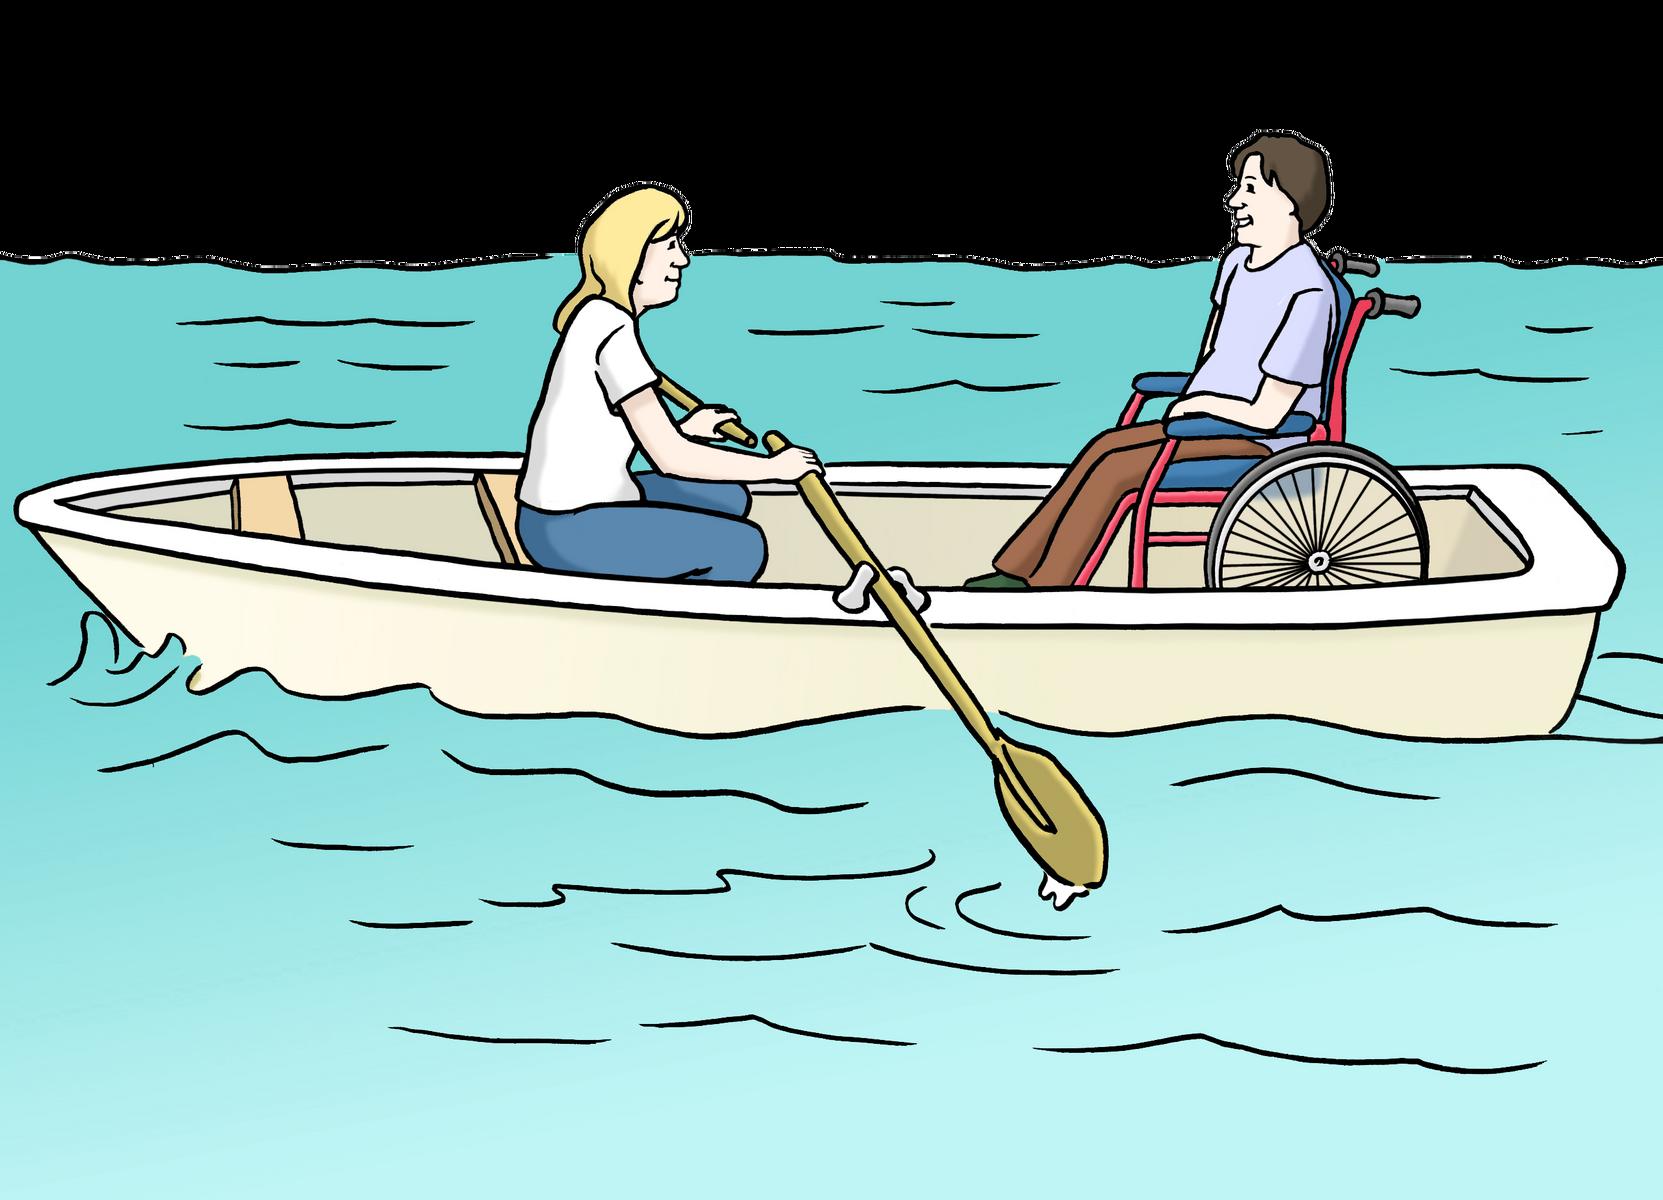 Menschen im Ruderboot